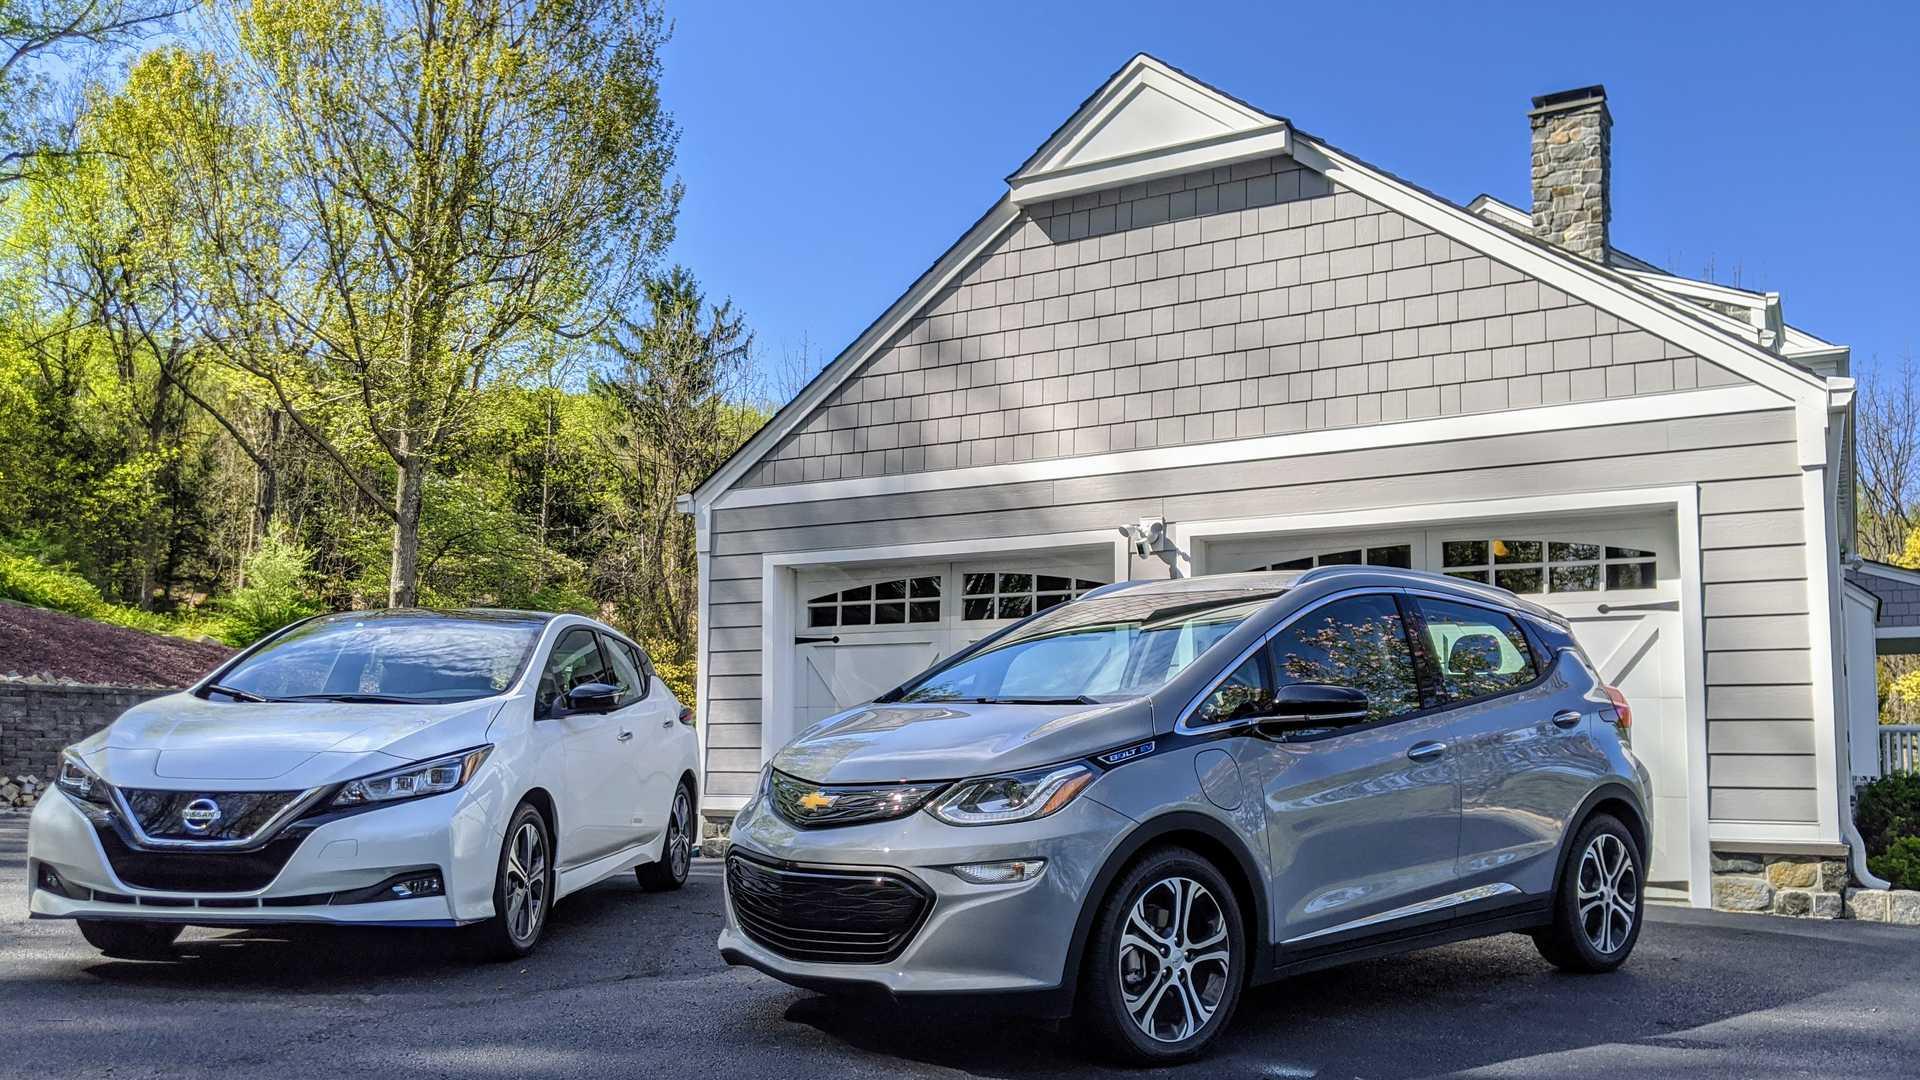 Купили, арендовали новый электромобиль в Нью-Джерси в 2020 году? Большой чек мог бы пройти ваш путь